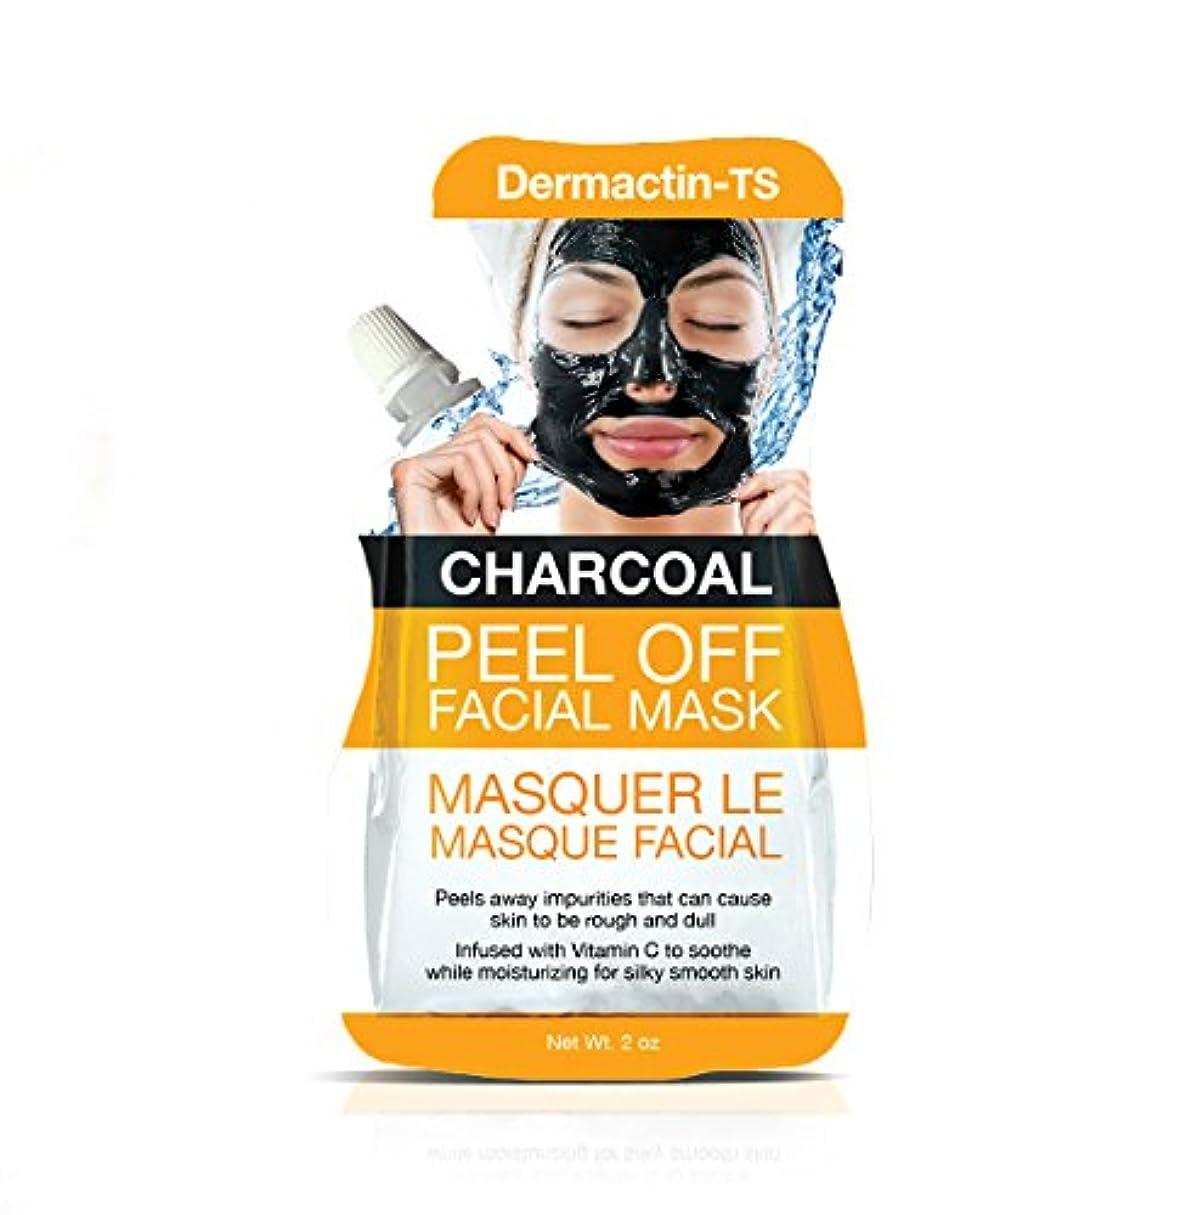 硬さの間で生き残りDermactin-TS フェイシャルマスクを剥がすチャコール50 g (並行輸入品)